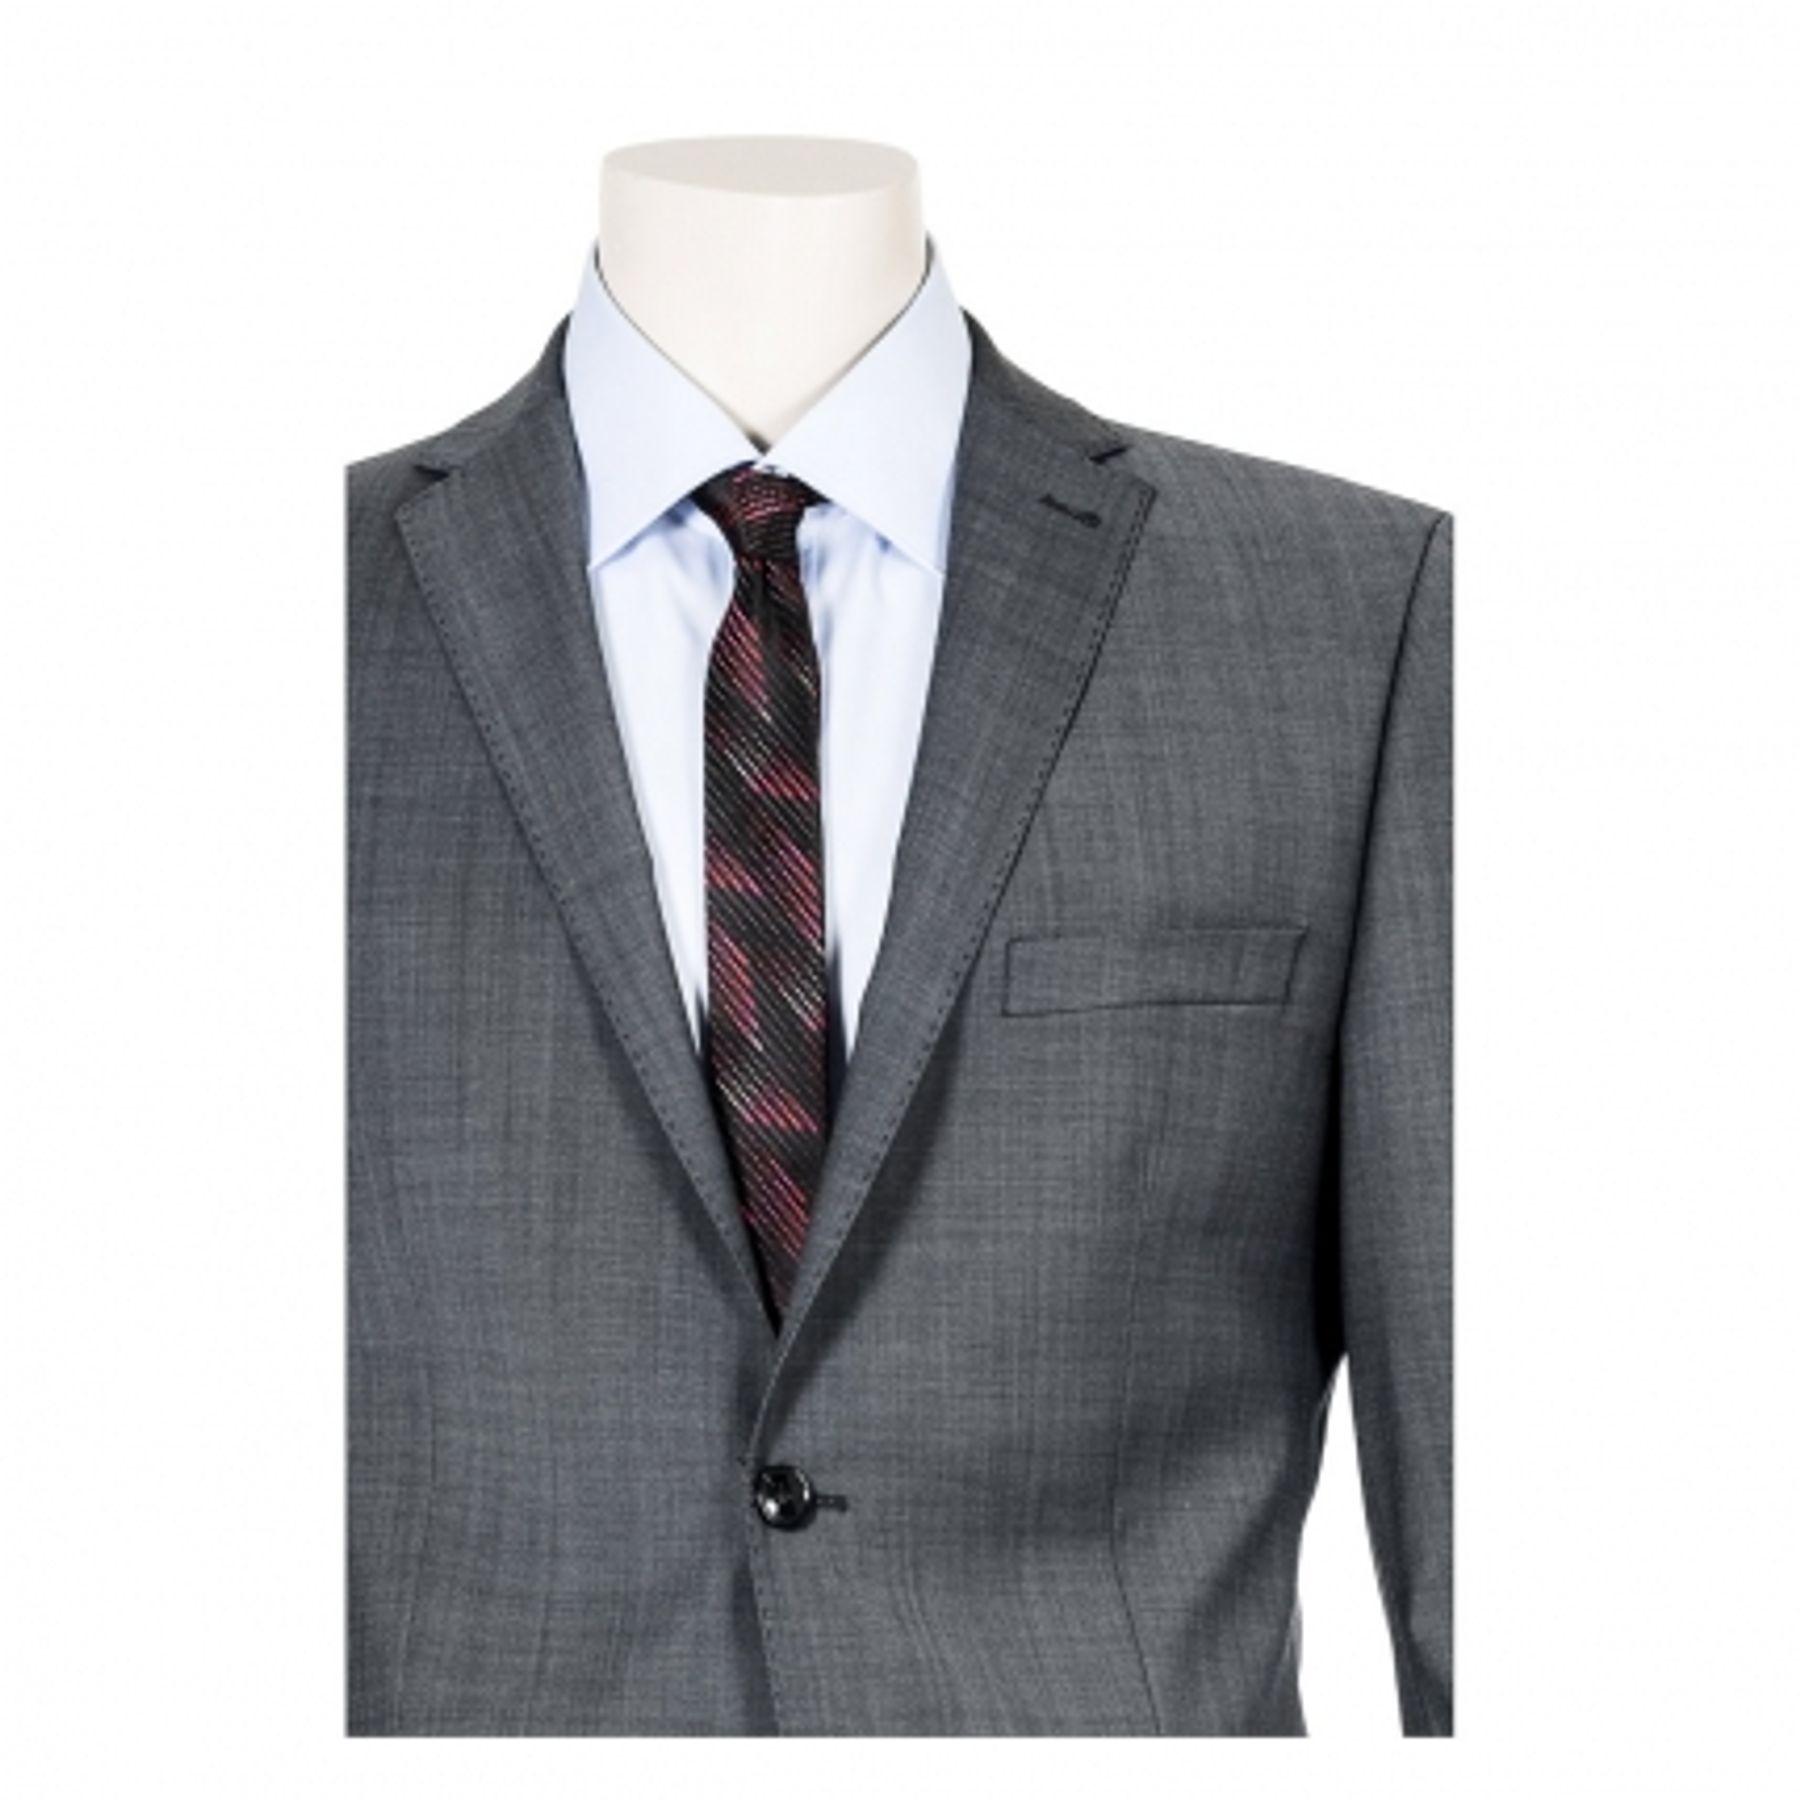 Benvenuto Purple - Slim Fit - Herren Baukasten Sakko für Jungen Trend-Anzug mit sehr schlankem Schnitt in Anthrazit, Adon (20776, Modell: 61350) – Bild 2